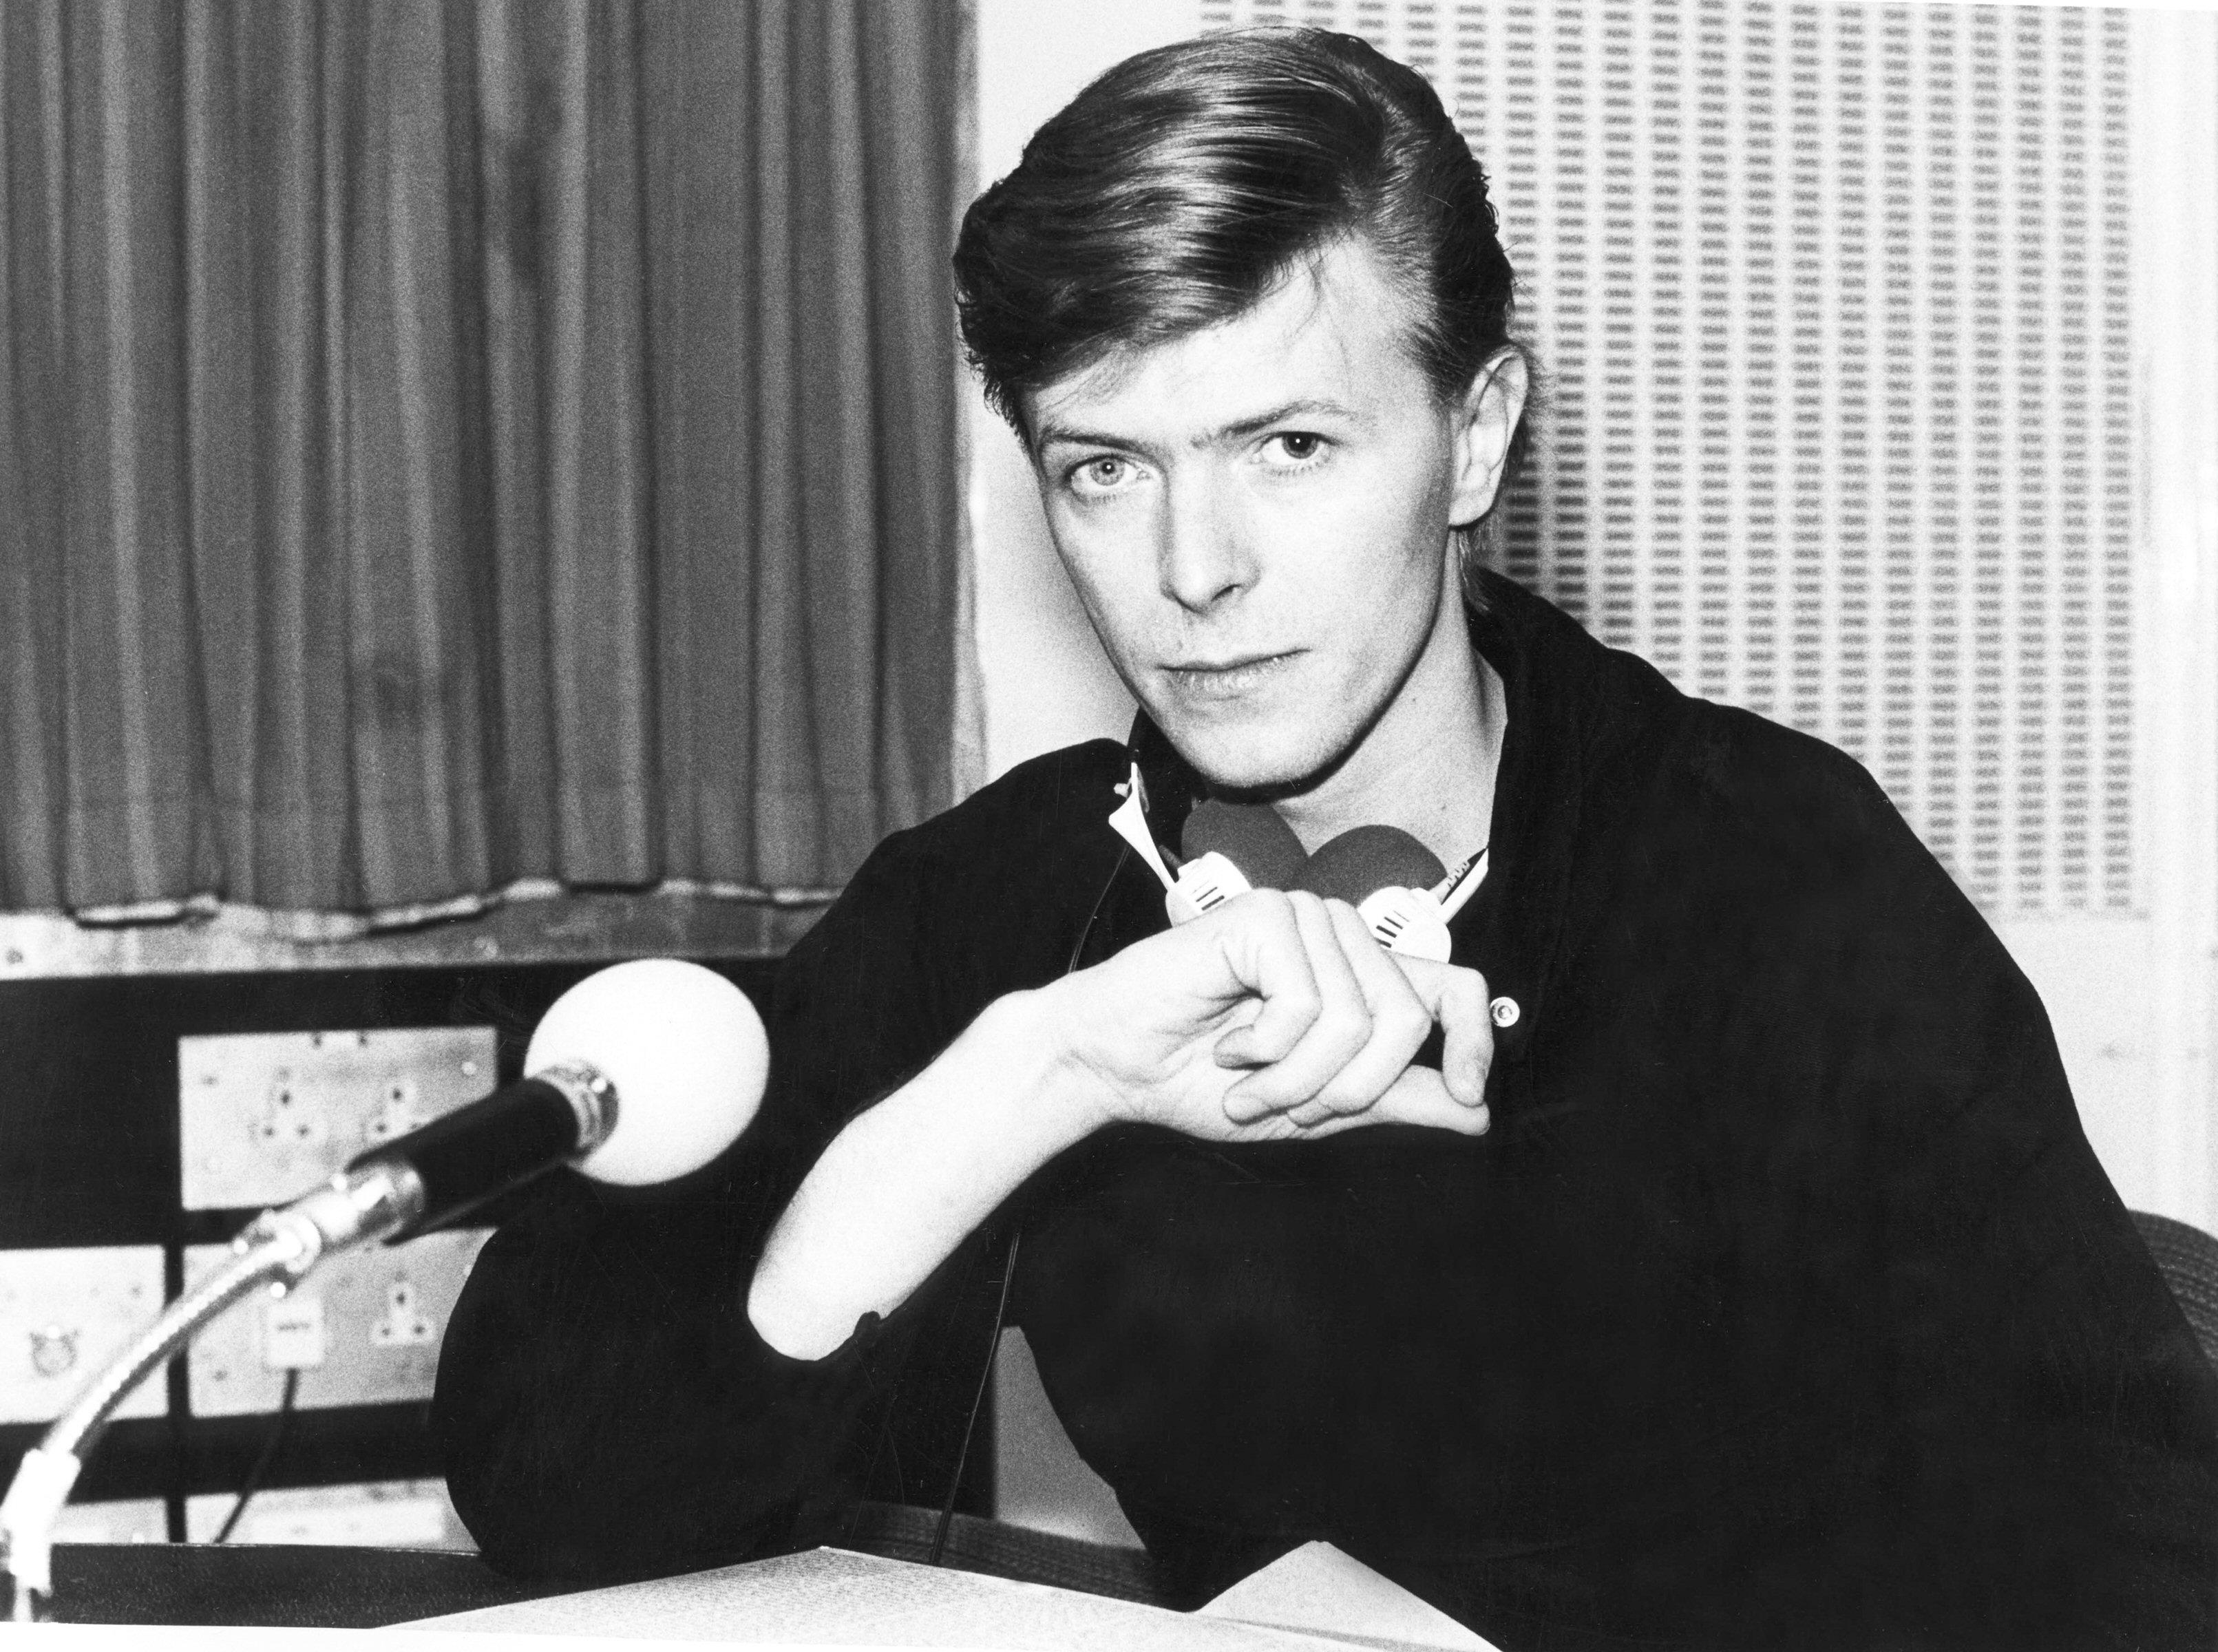 David Bowie - Page 5 David-bowie-bw